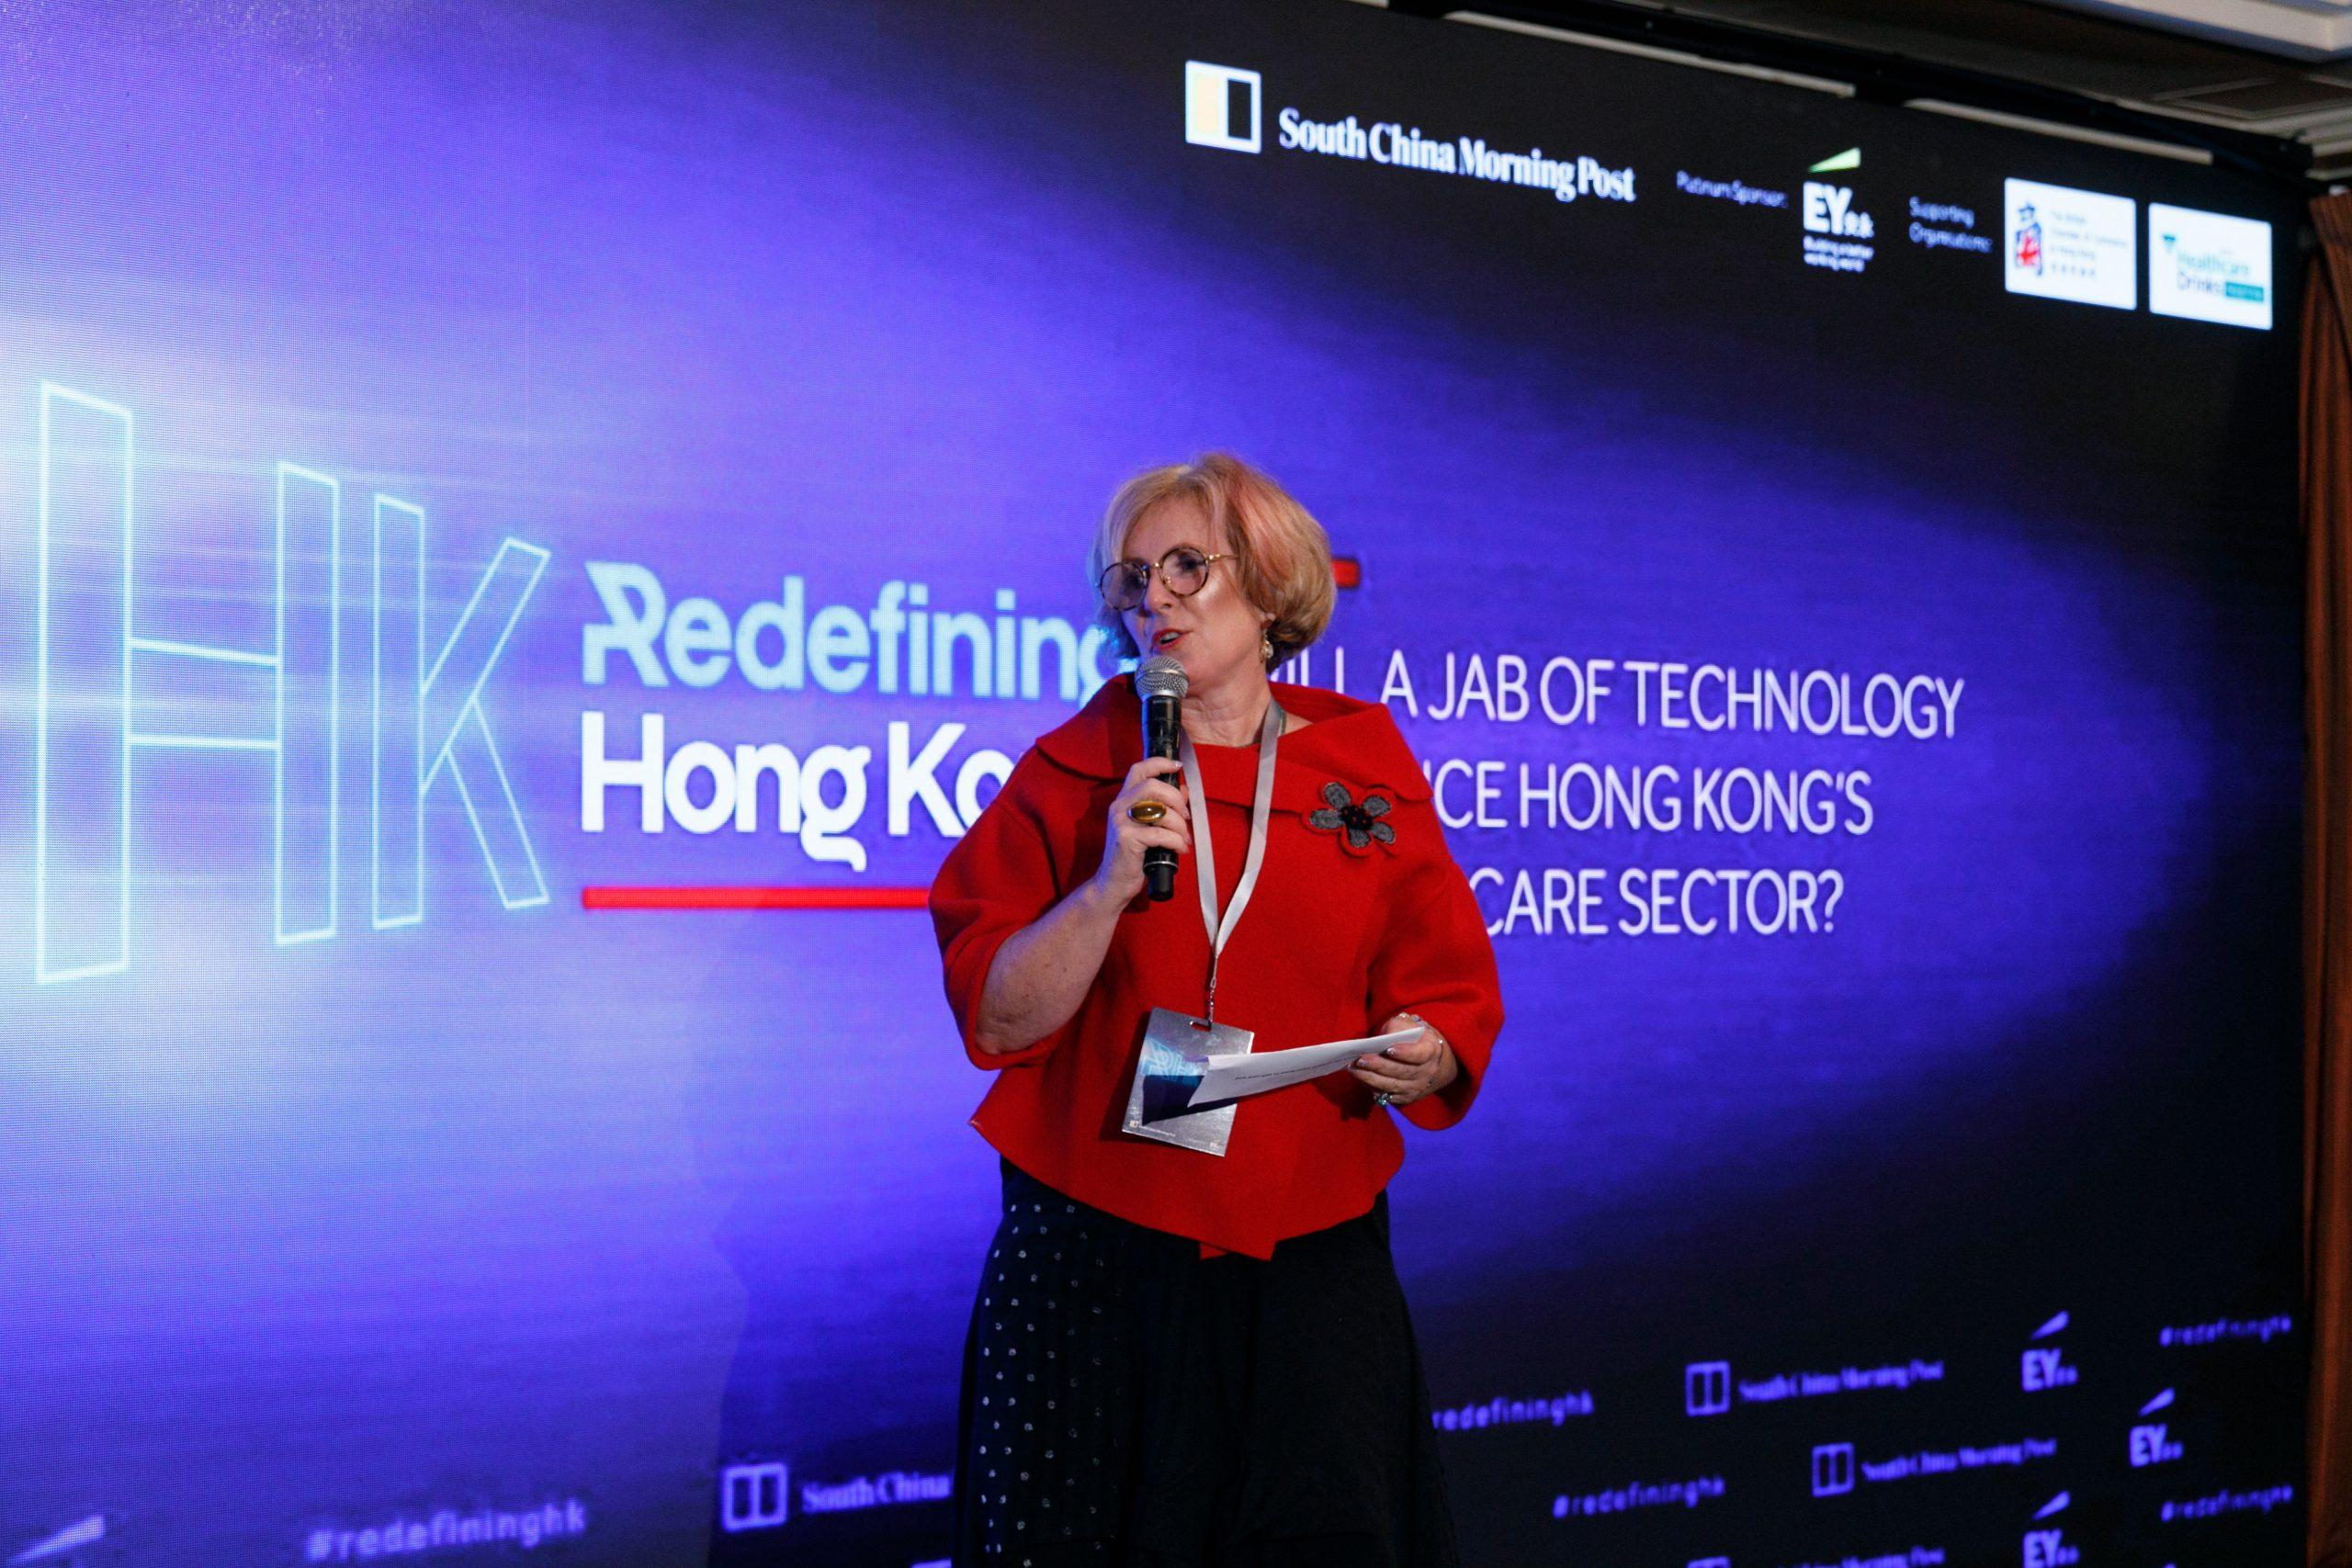 Hong Kong Doctor Susan Jamieson